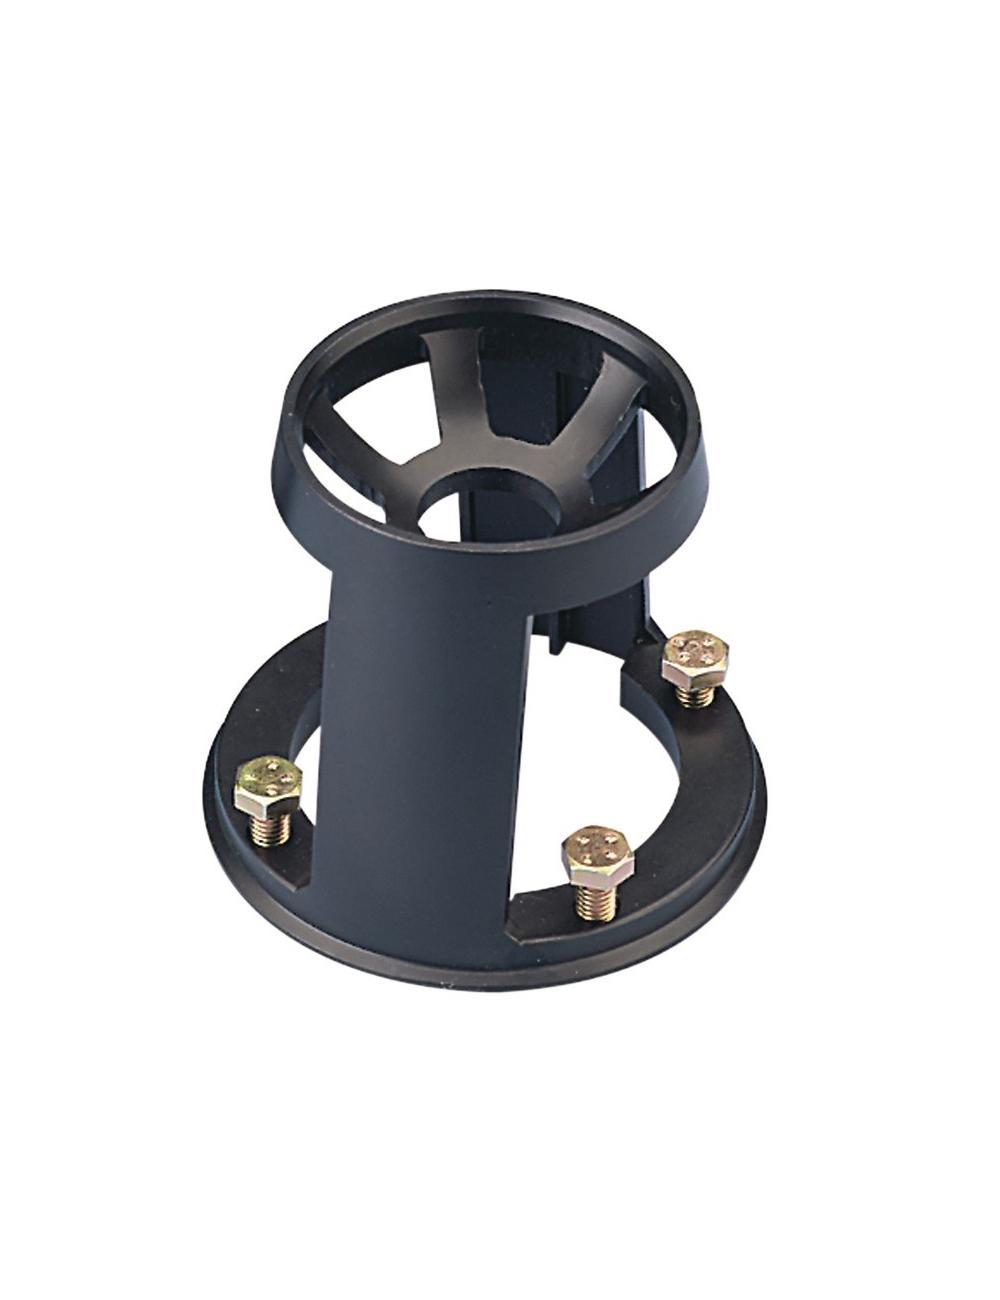 Vinten - Adaptador Quickfix base bola 100mm a base plana - (3330-16)